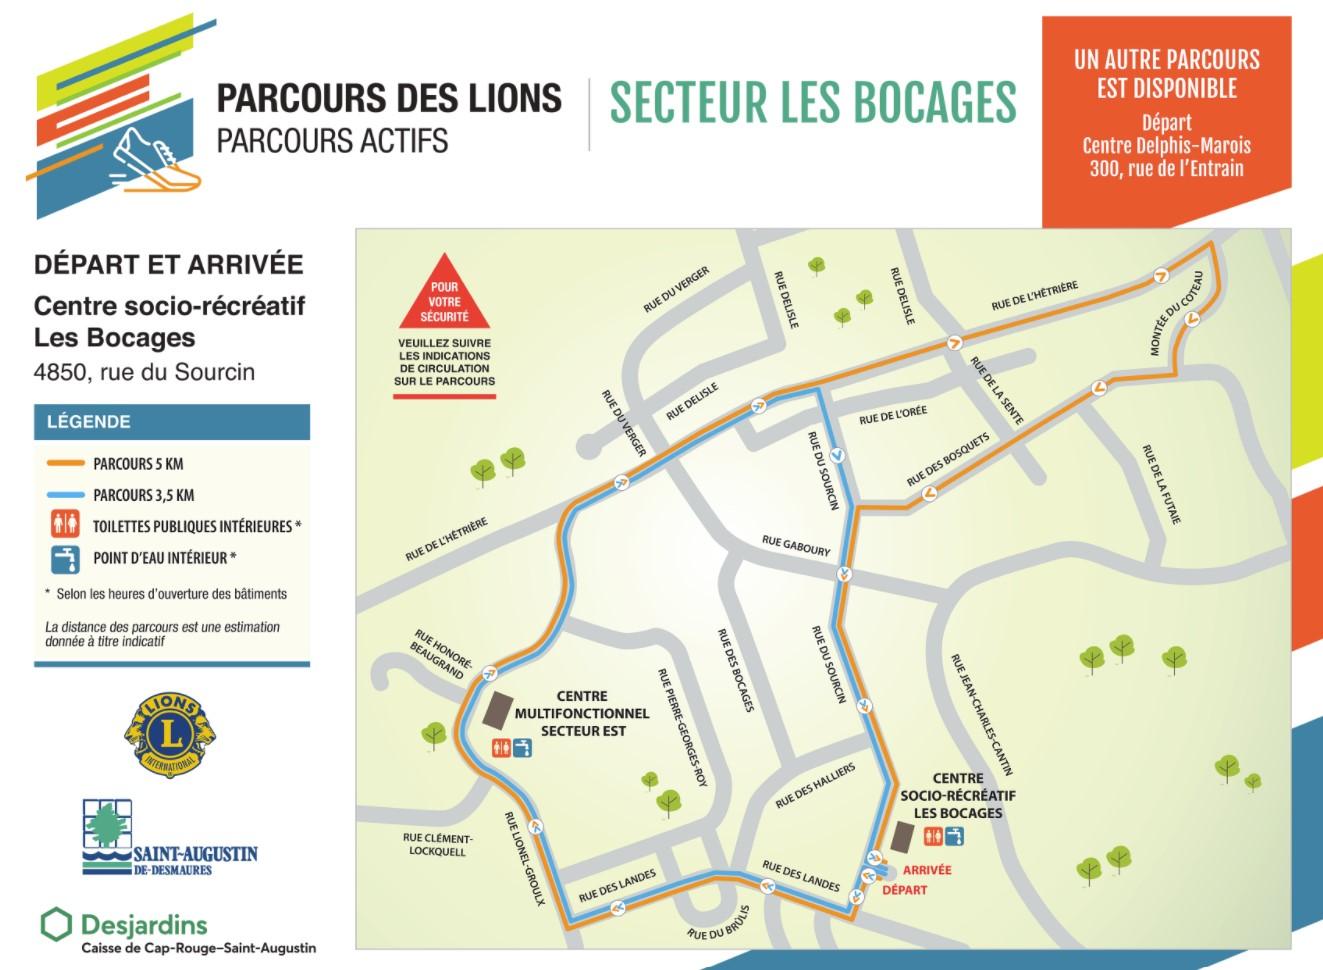 parcours_des_lions.jpg (207 KB)